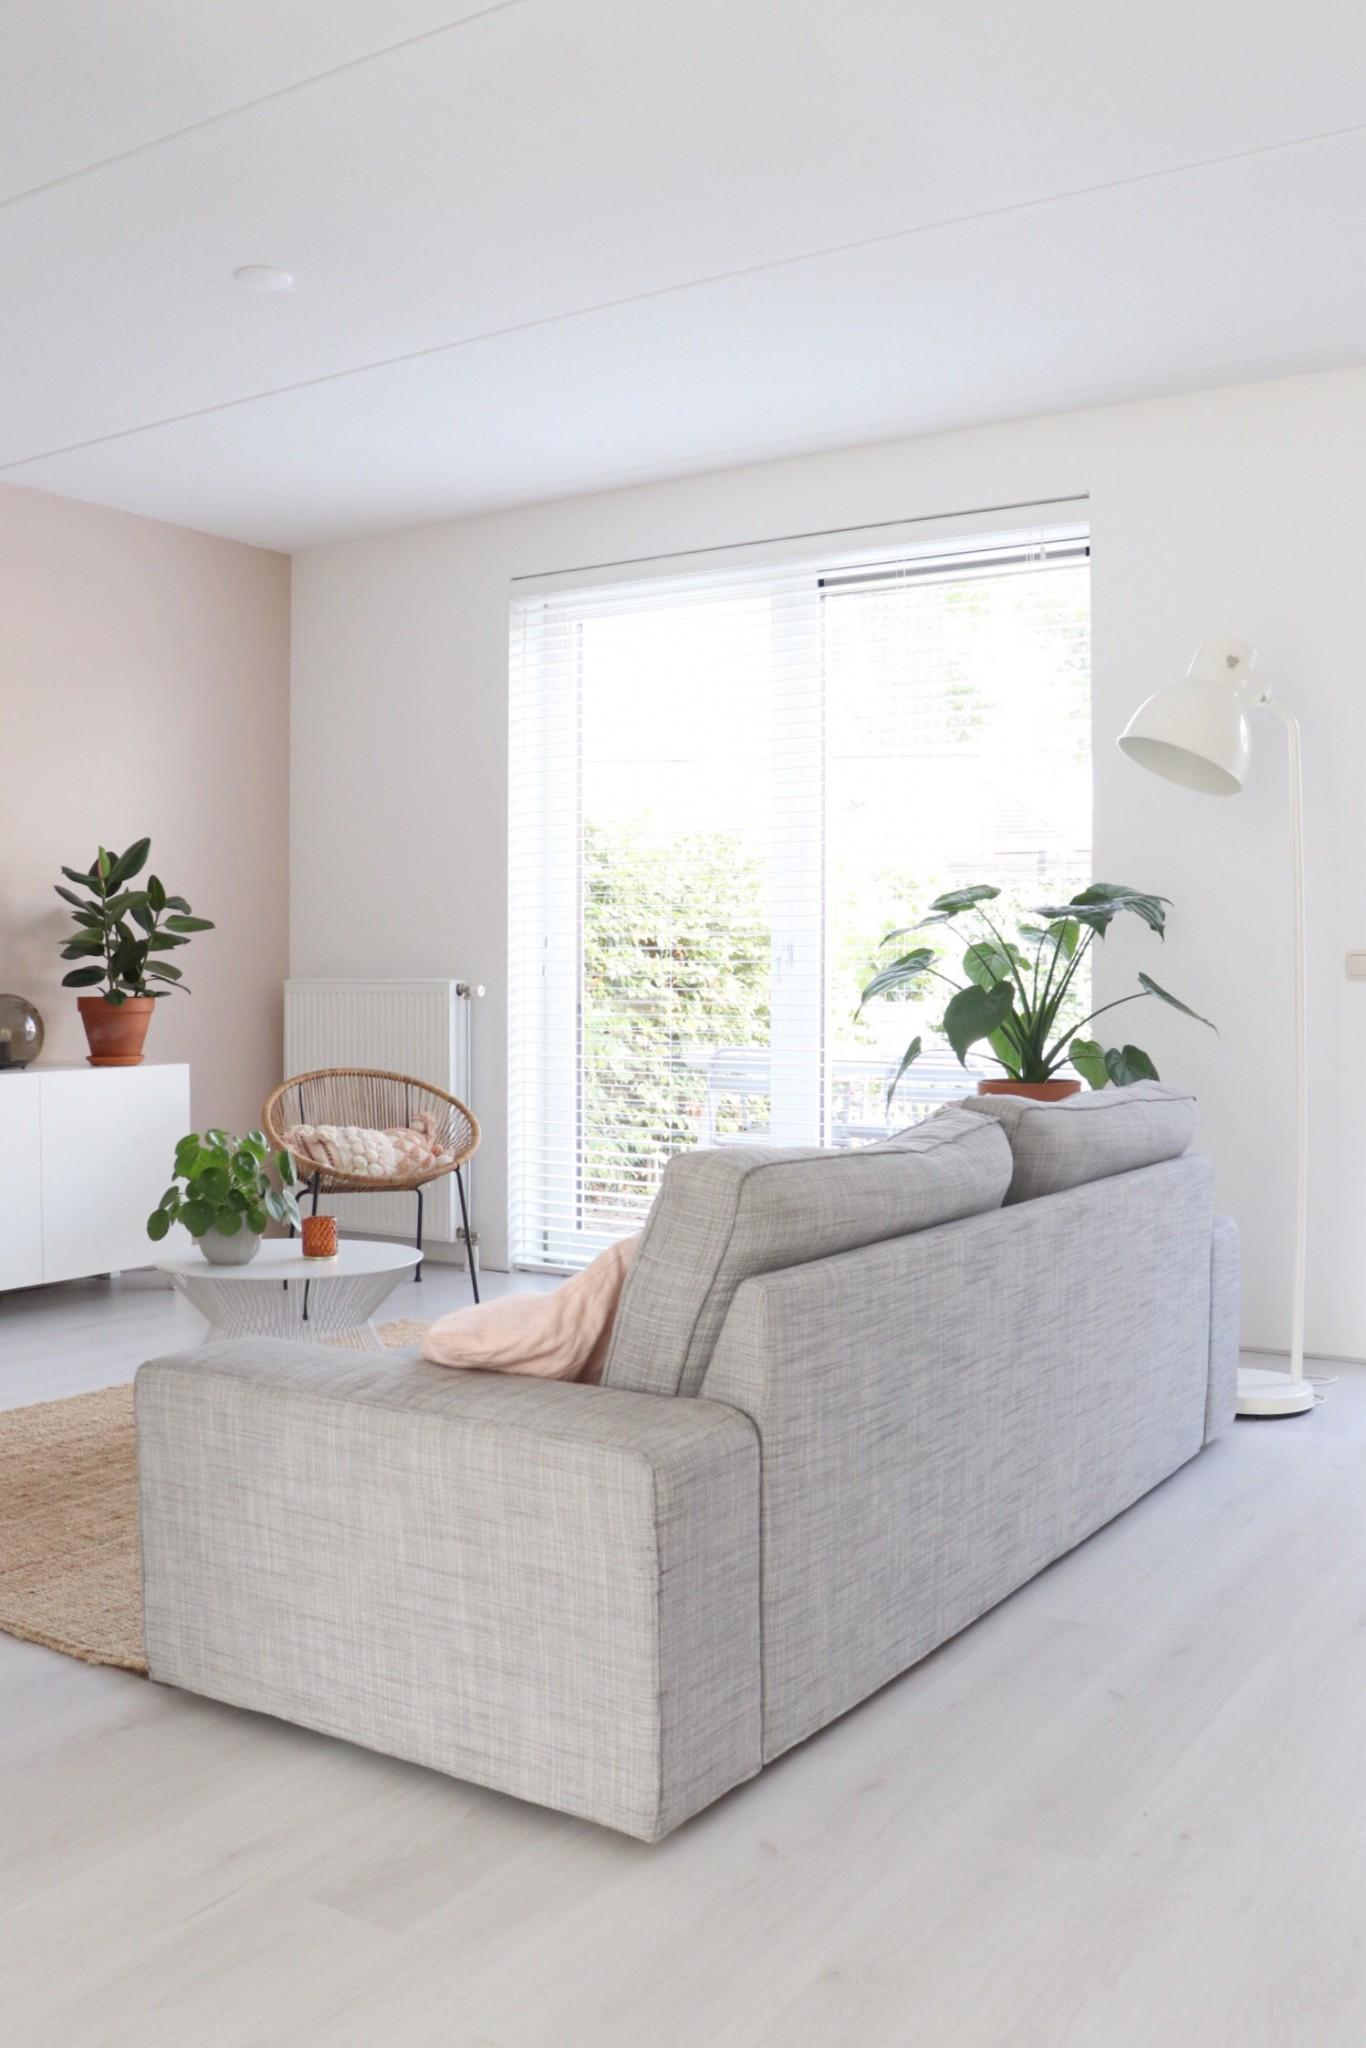 de zithoek in de woonkamer met een grijze bank, rotan stoel en planten.